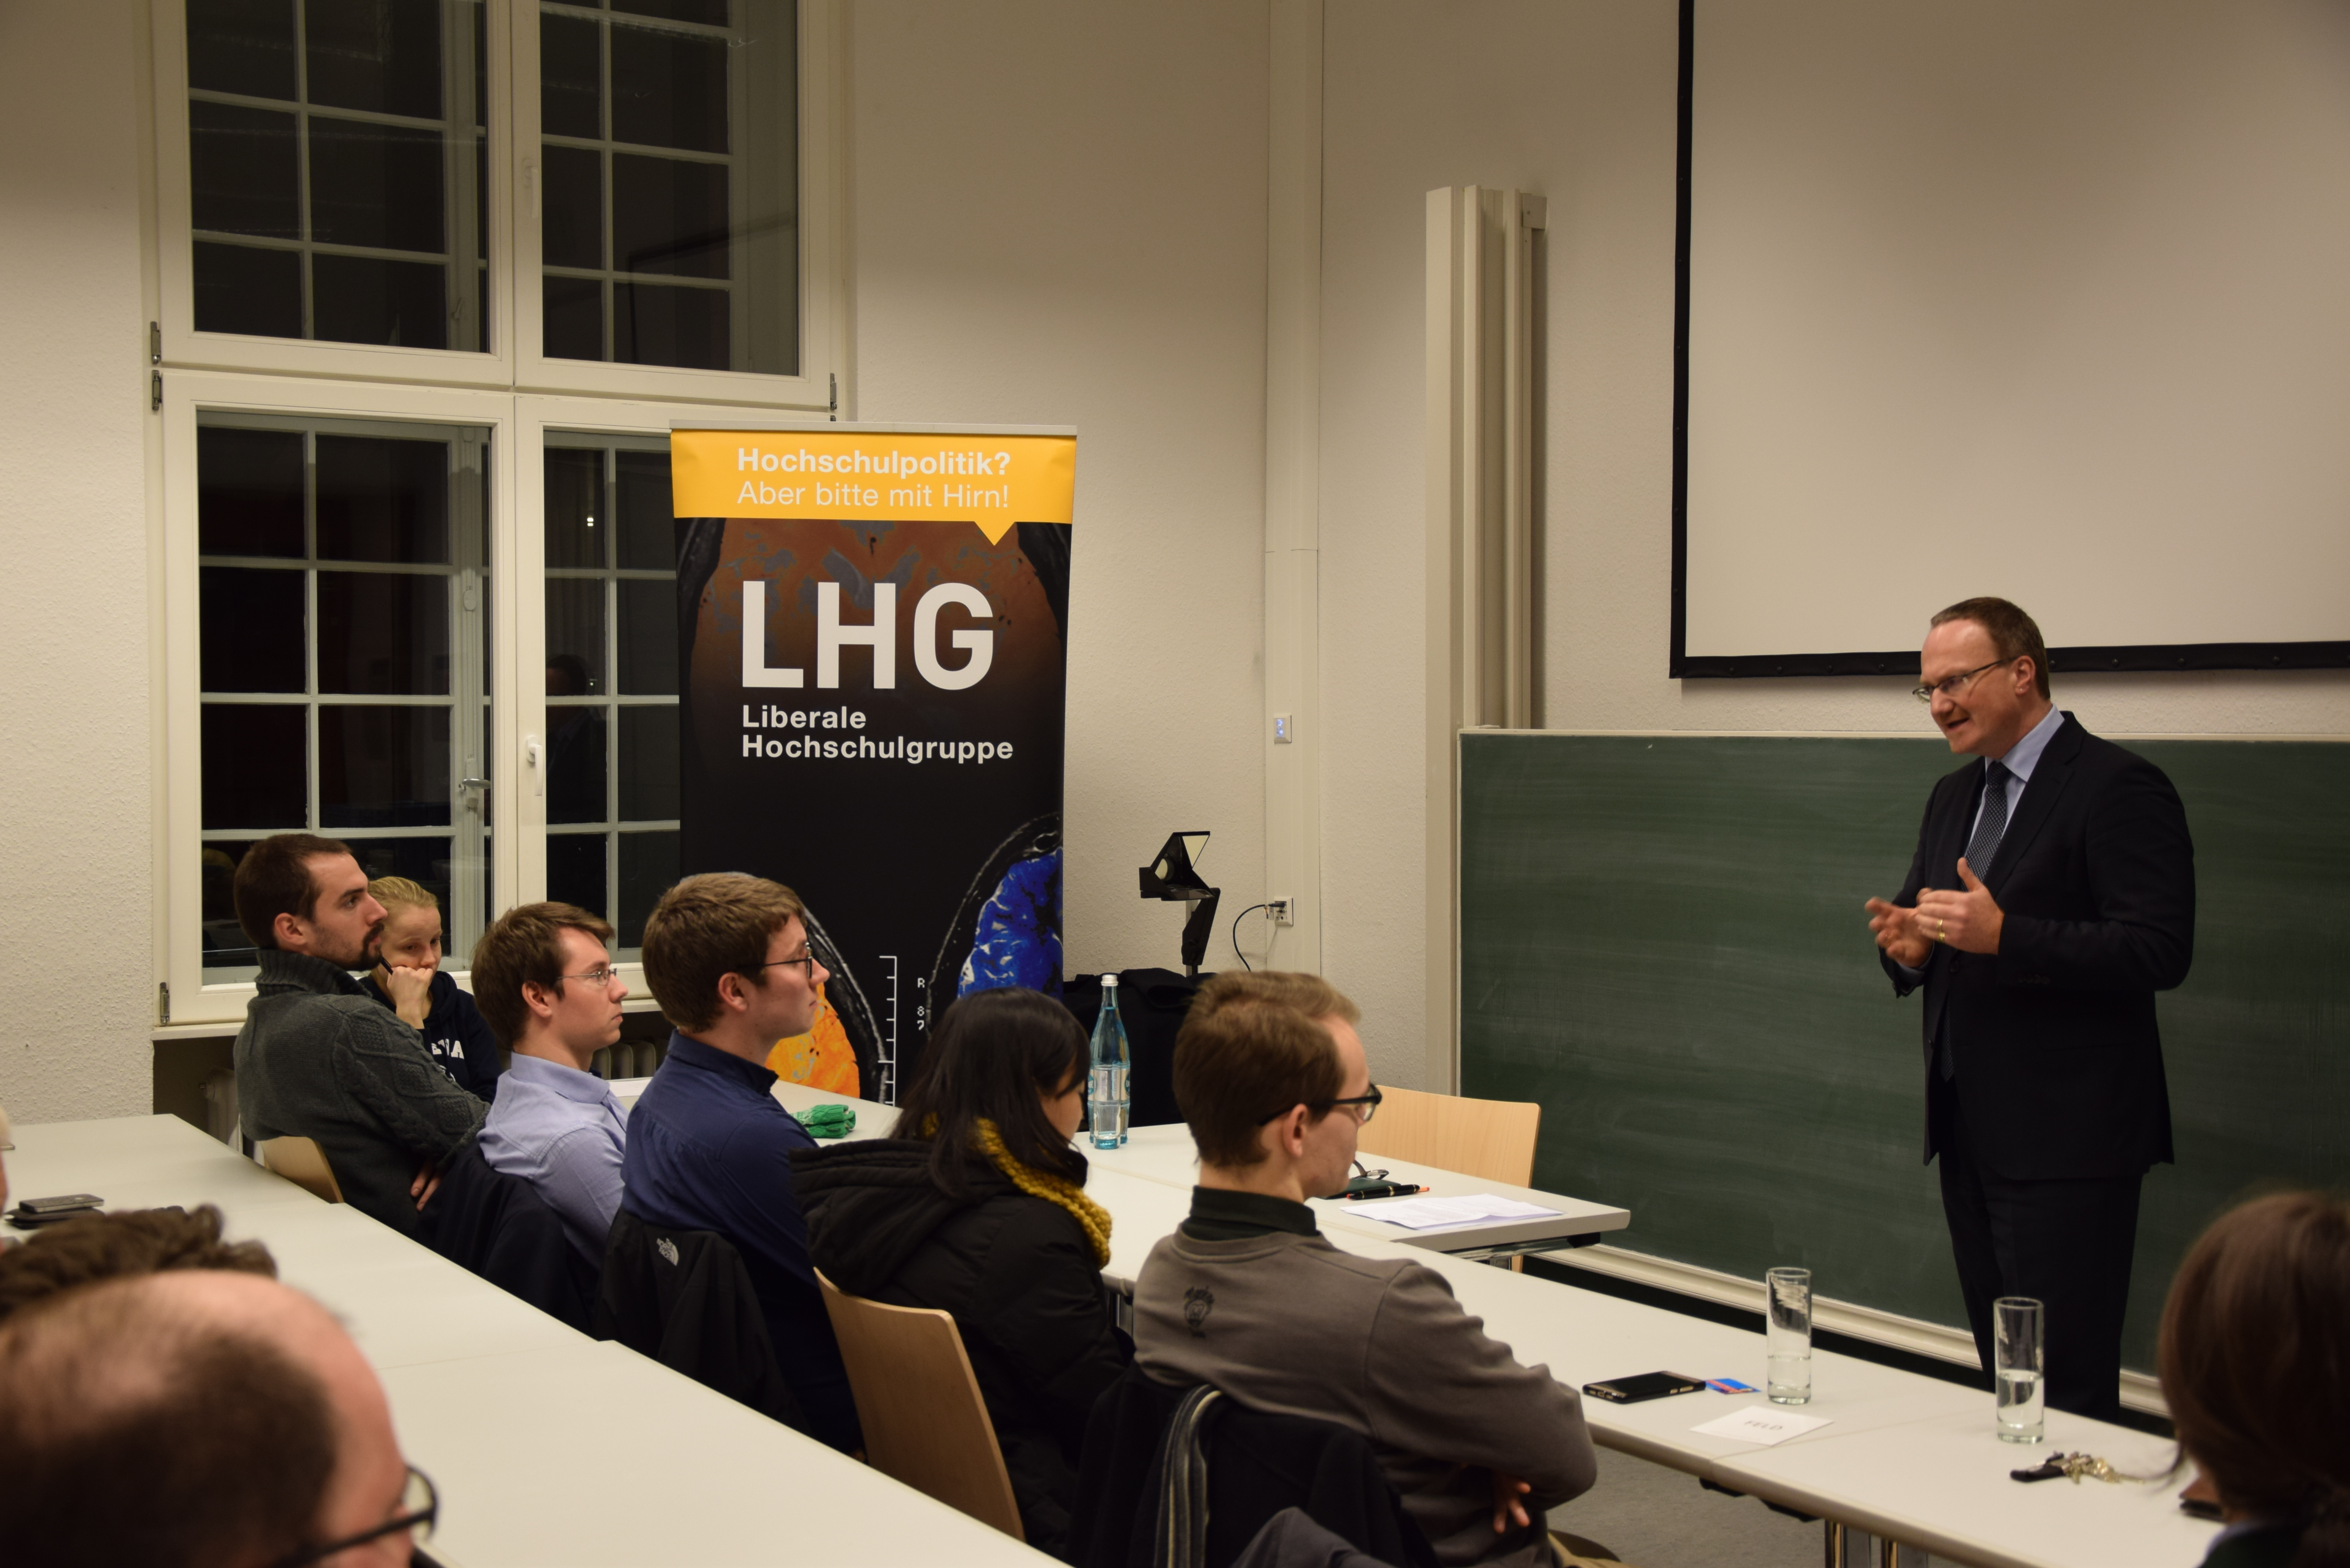 Prof. Dr. Lars Feld berichtet von seiner Arbeit am Walter Eucken Institut und über seine Arbeit für den Sachverständigenrat